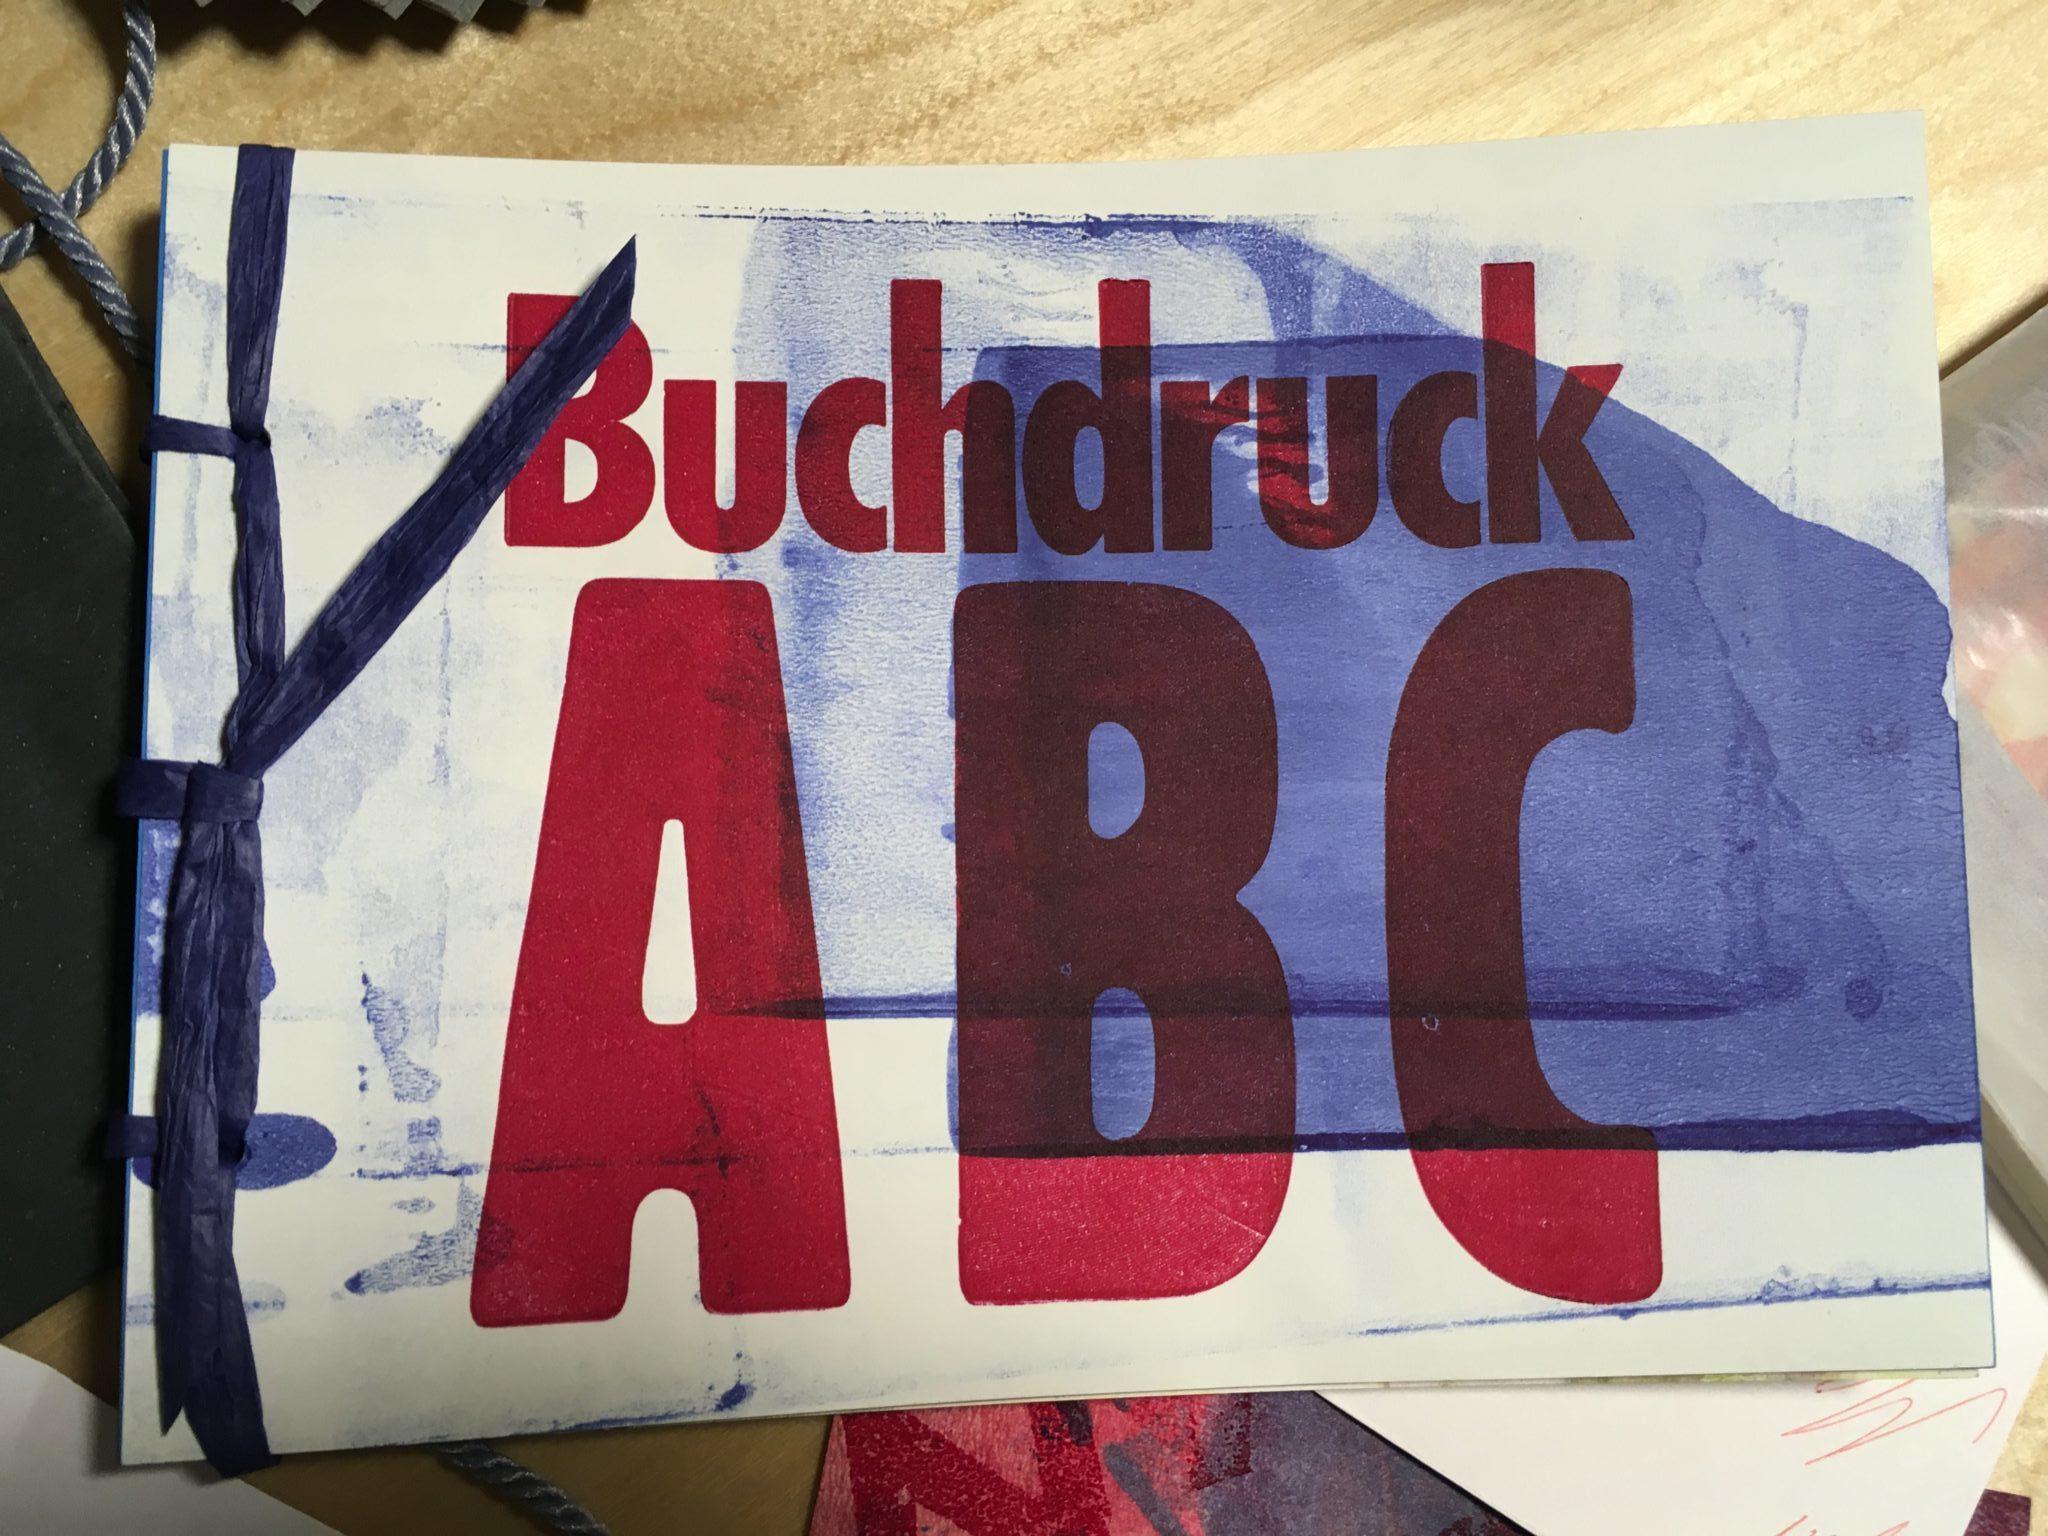 Blick auf ein geschenk: Buchdruck ABC